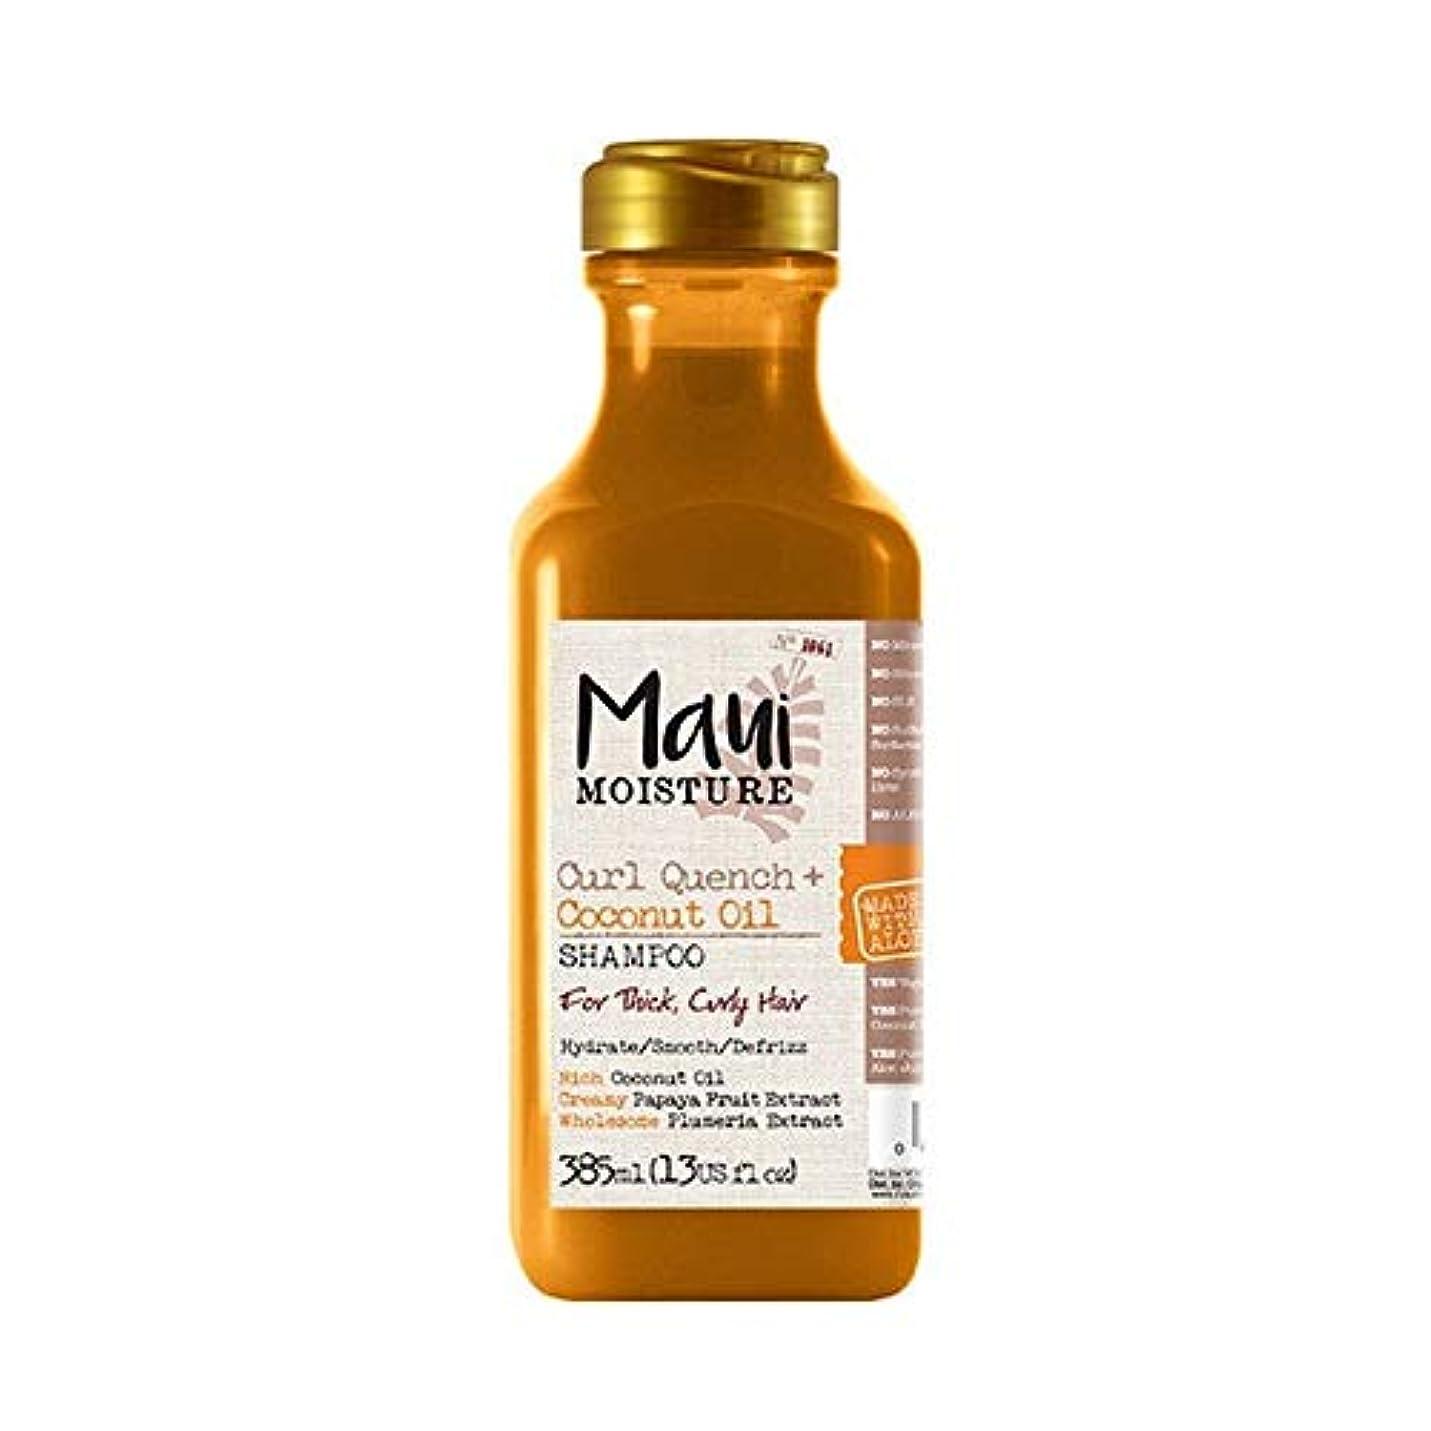 雪のジョージバーナードメール[Maui Moisture ] マウイ水分カールクエンチ+ココナッツオイルシャンプー - Maui Moisture Curl Quench + Coconut Oil Shampoo [並行輸入品]